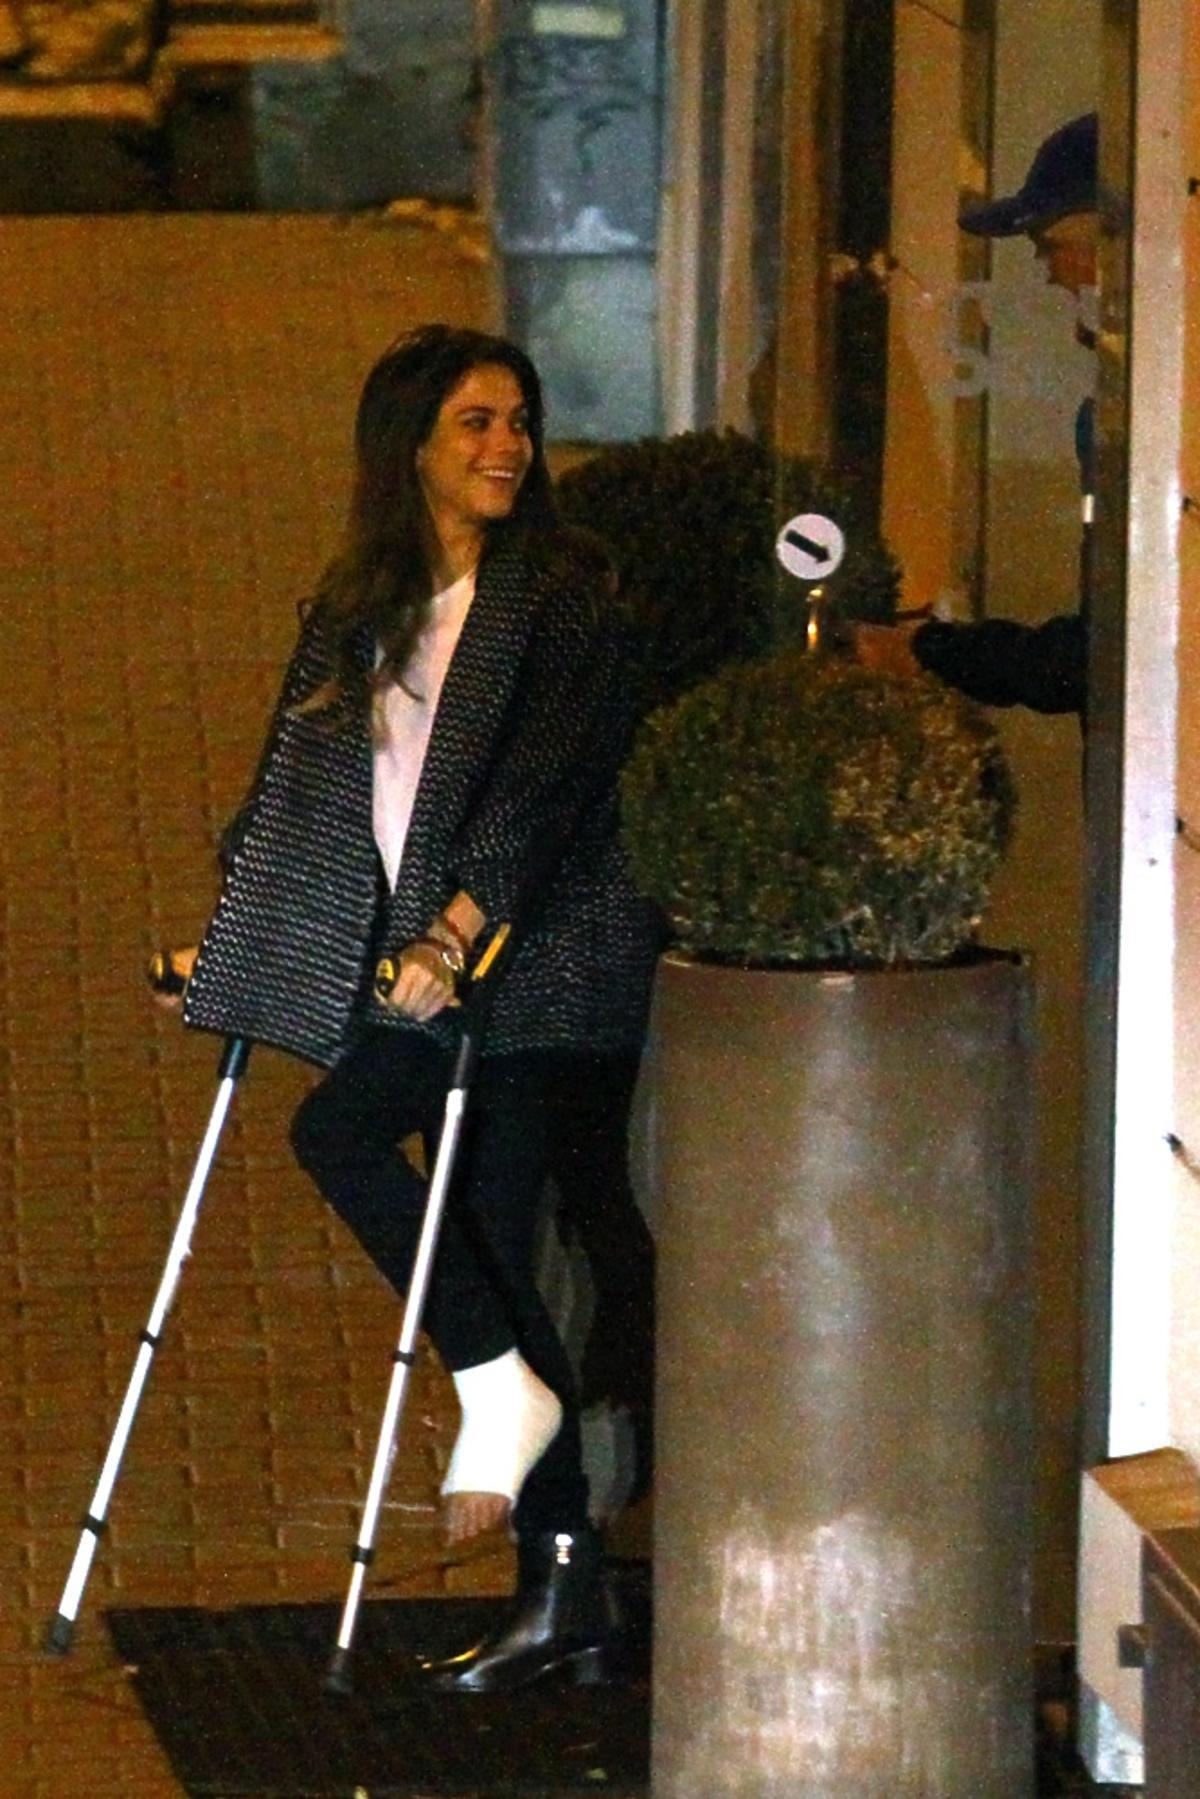 Weronika Rosati wychodzi na ulice o kulach w gipsie